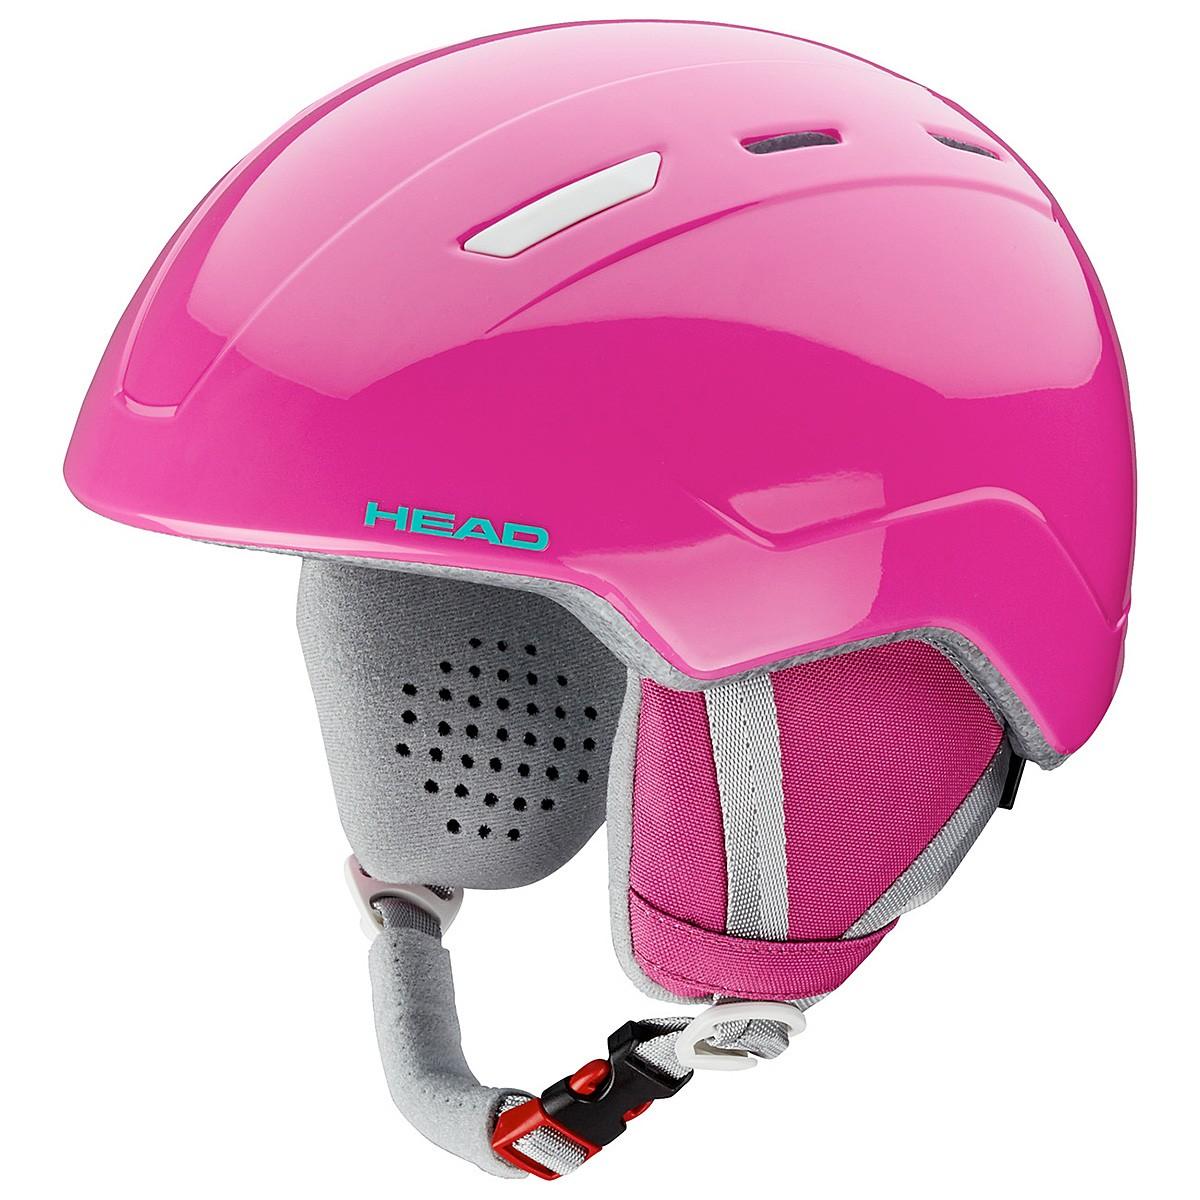 Casco sci Head Maja (Colore: rosa, Taglia: 52/56)